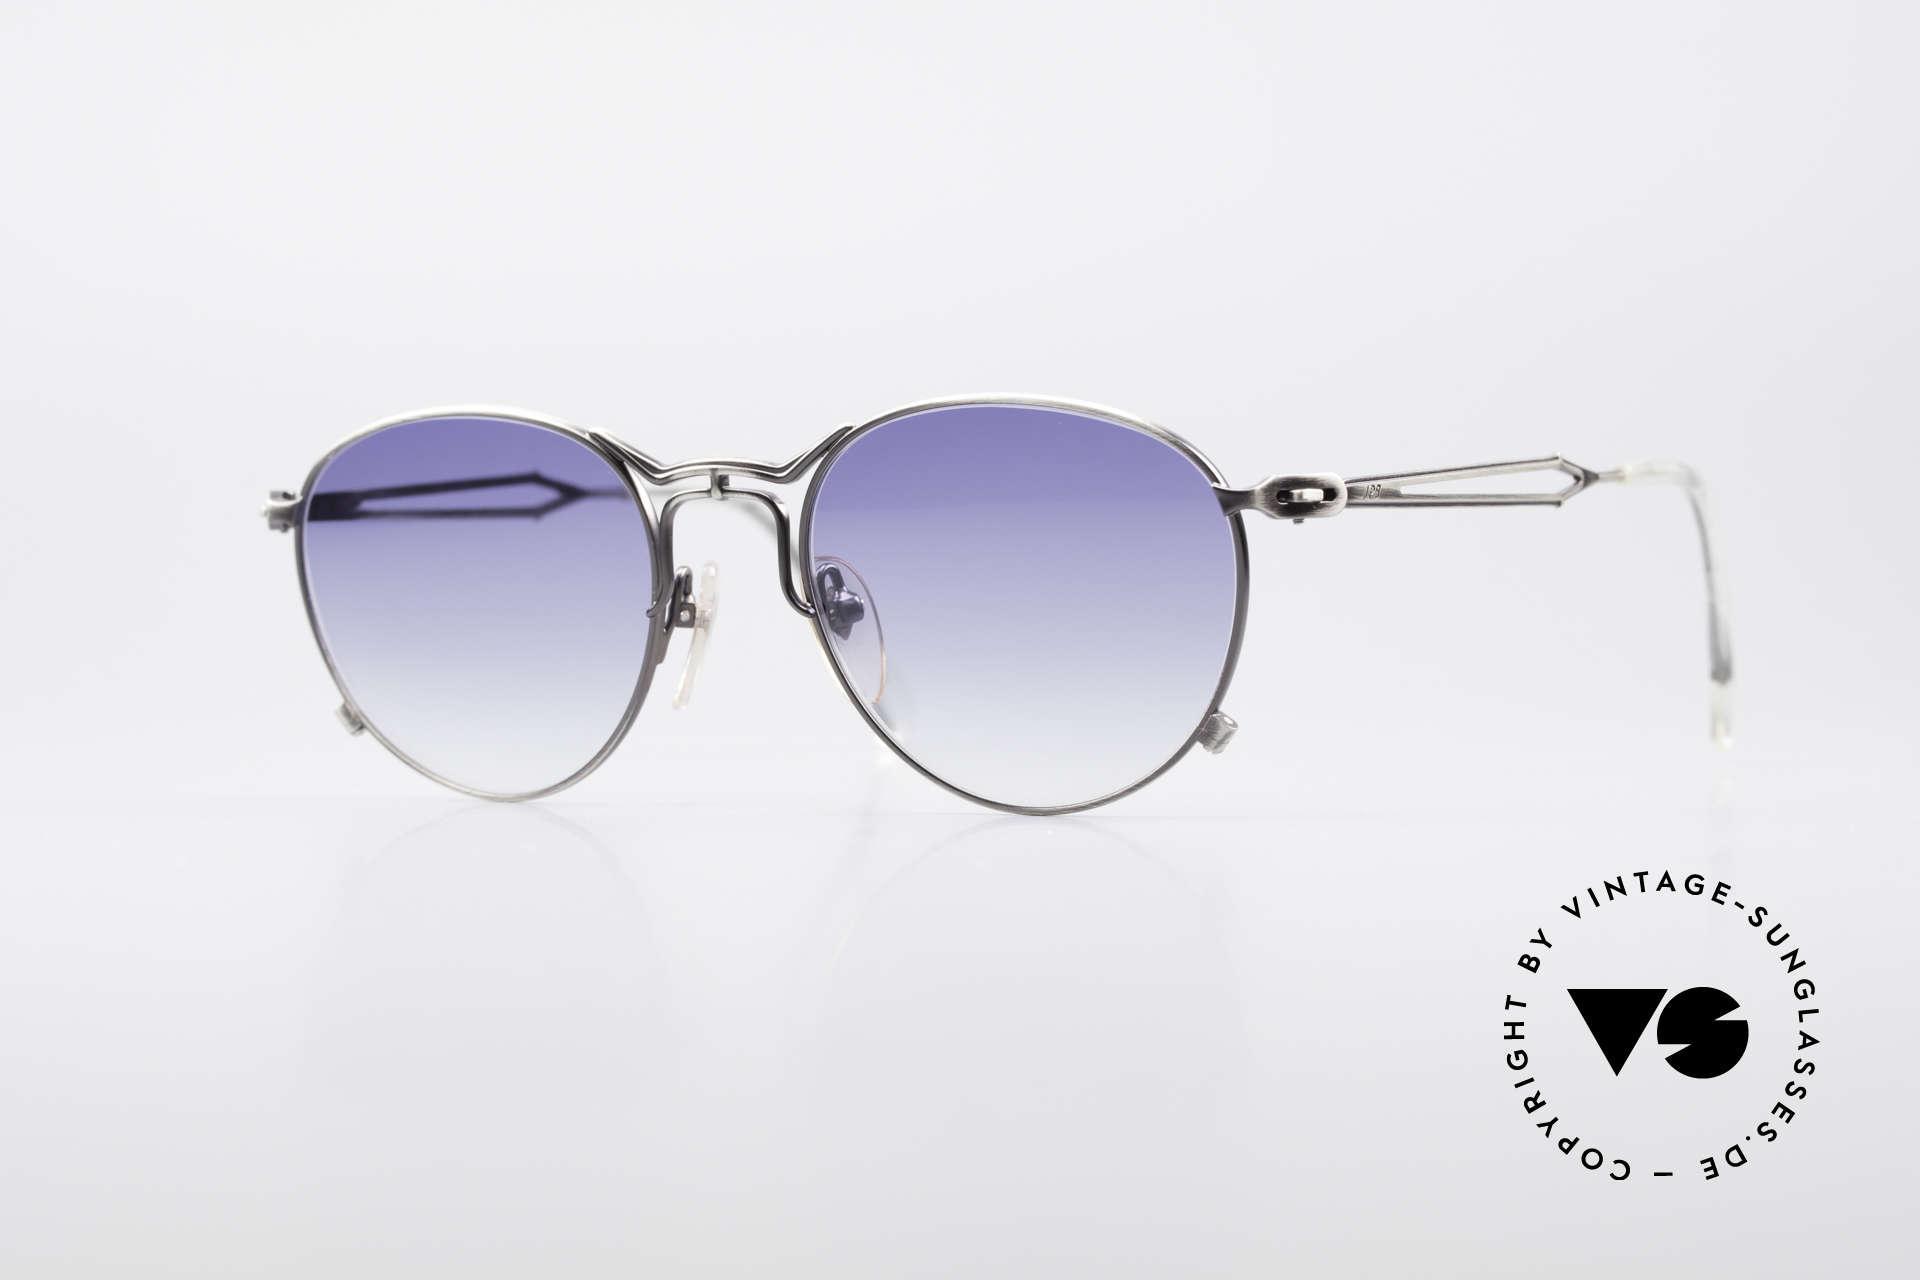 Jean Paul Gaultier 55-2177 Rare Designer Sonnenbrille, außergewöhnliche vintage J.P.G Designersonnenbrille, Passend für Herren und Damen